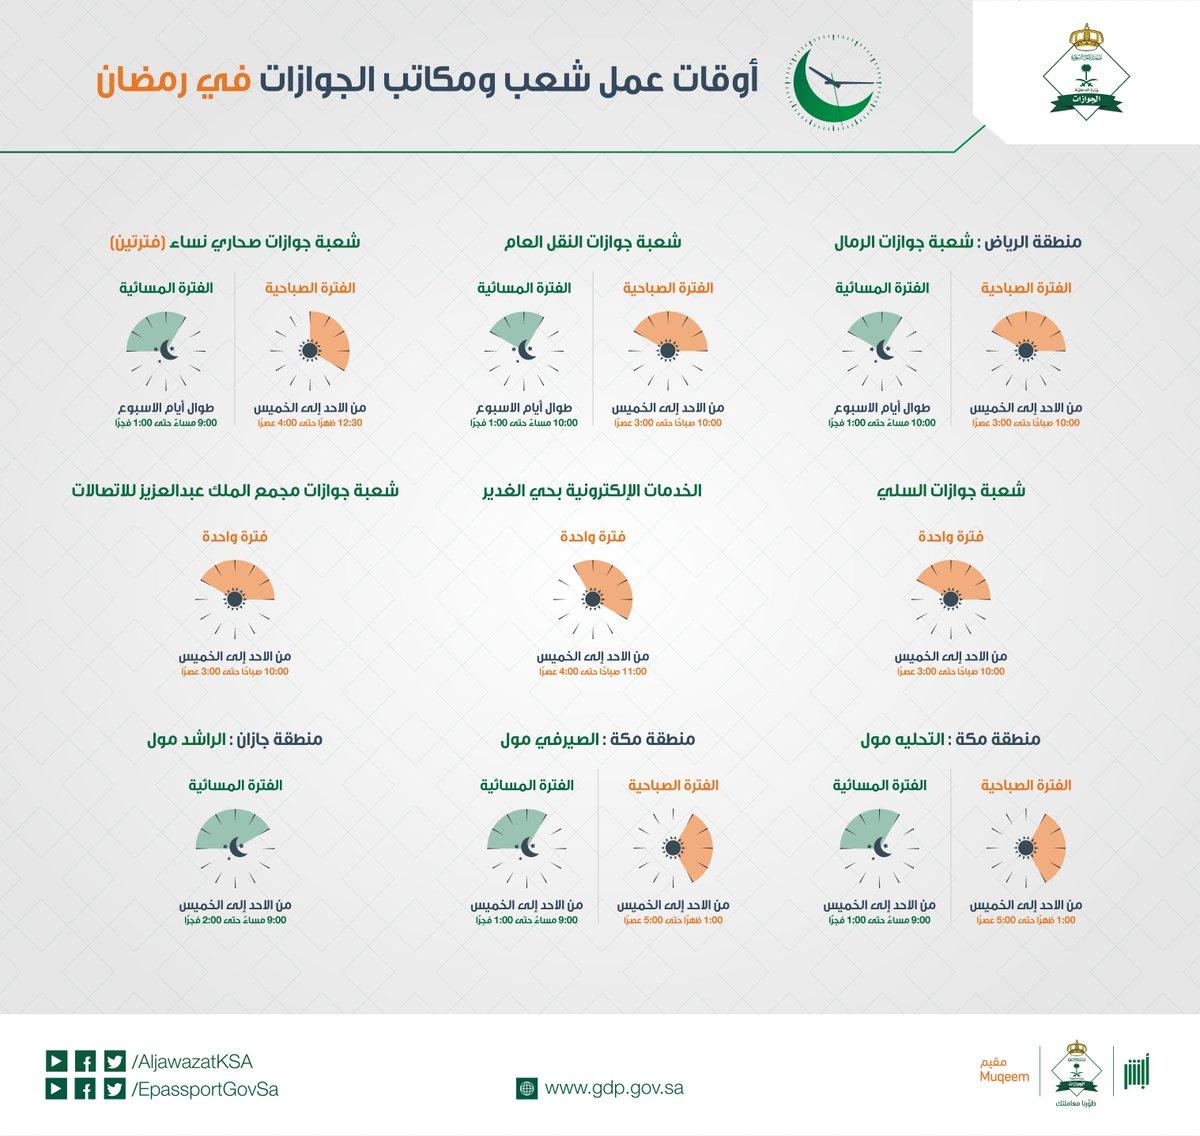 الجوازات السعودية Twitter પર أوقات عمل شعب ومكاتب الجوازات خلال في شهر رمضان المبارك